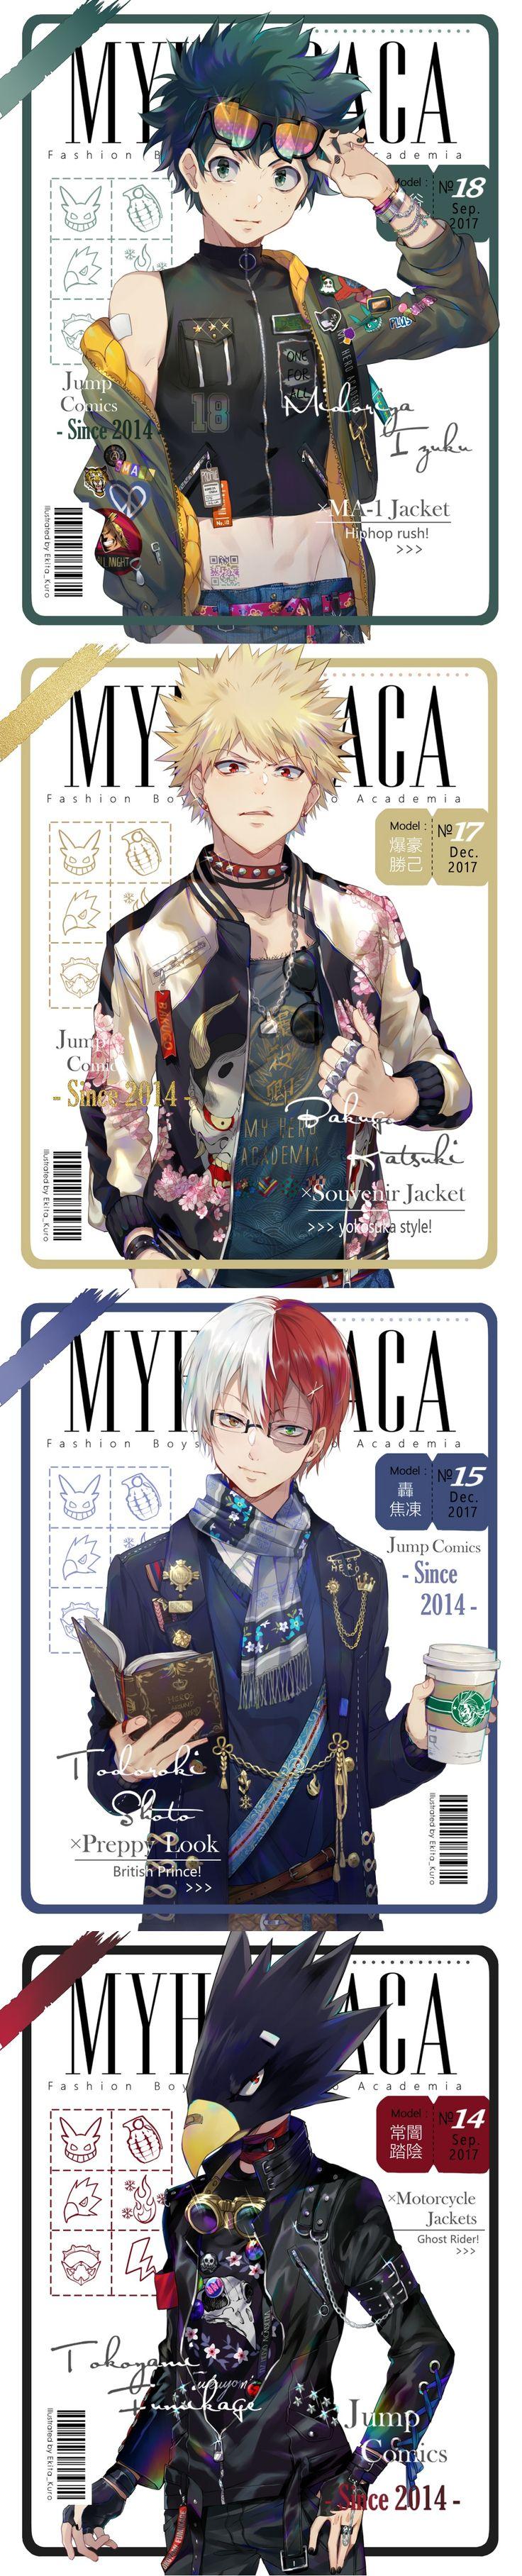 Boku no Hero Academia || Midoriya Izuku || Bakugou Katsuki || Todoroki Shouto || Tokoyami Fumikage